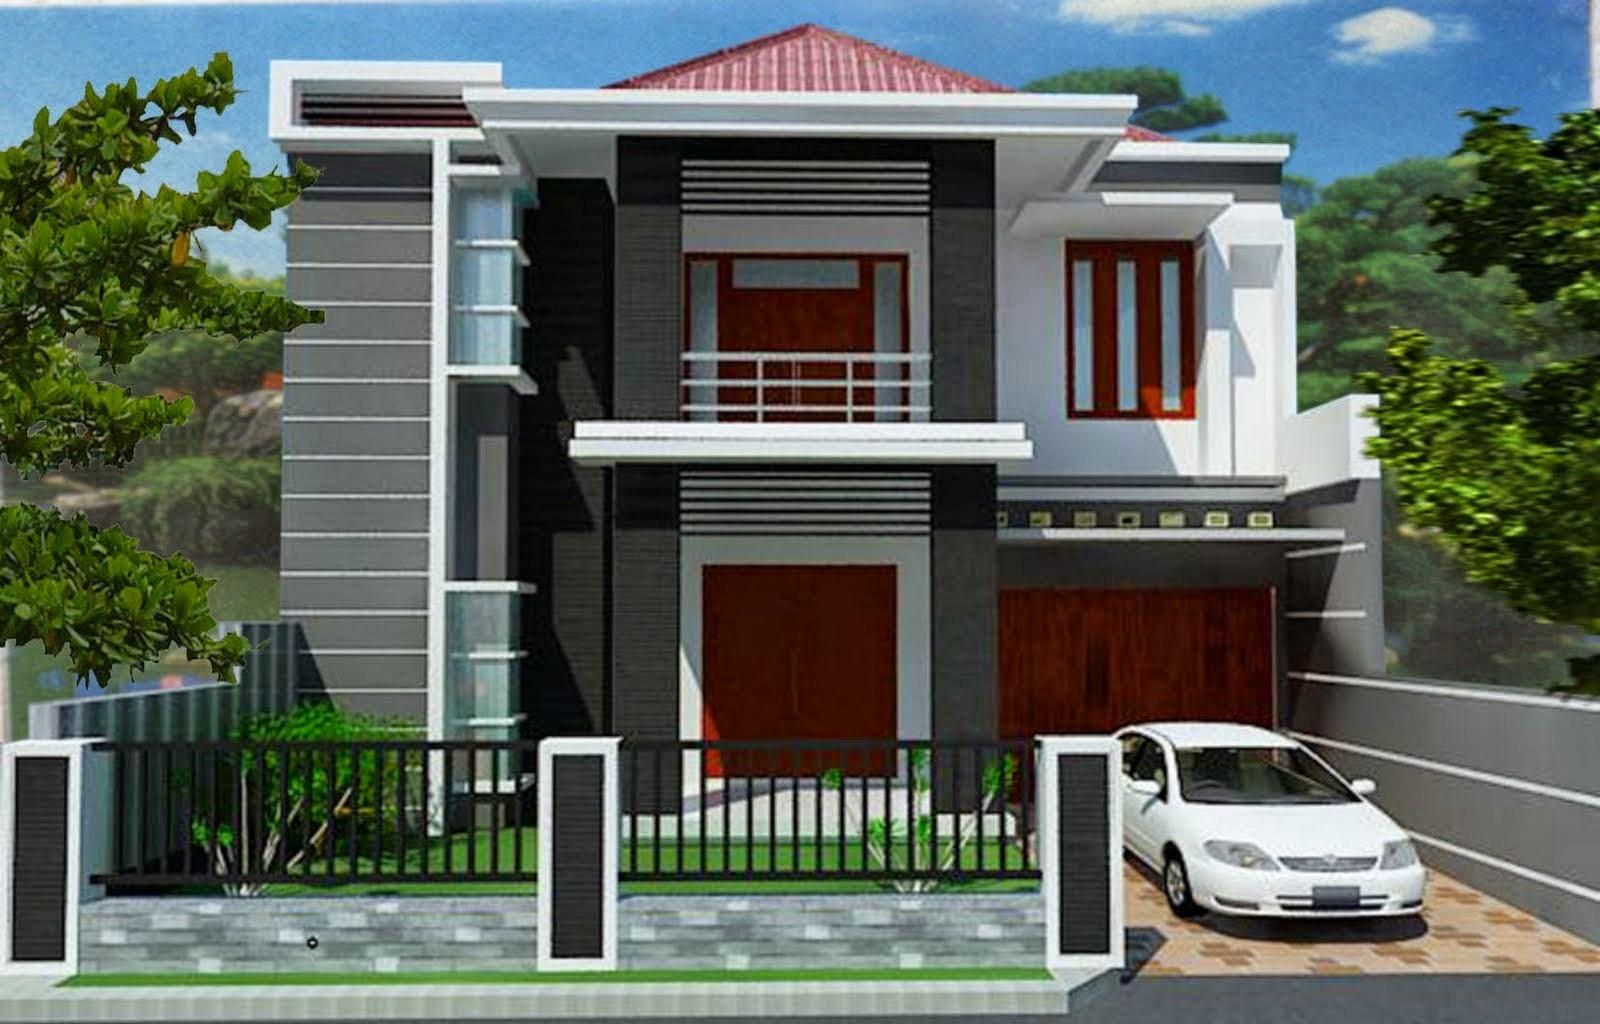 Desain Rumah Minimalis 2 Lantai Terbaru | 1001+ Desain Rumah Minimalis ...